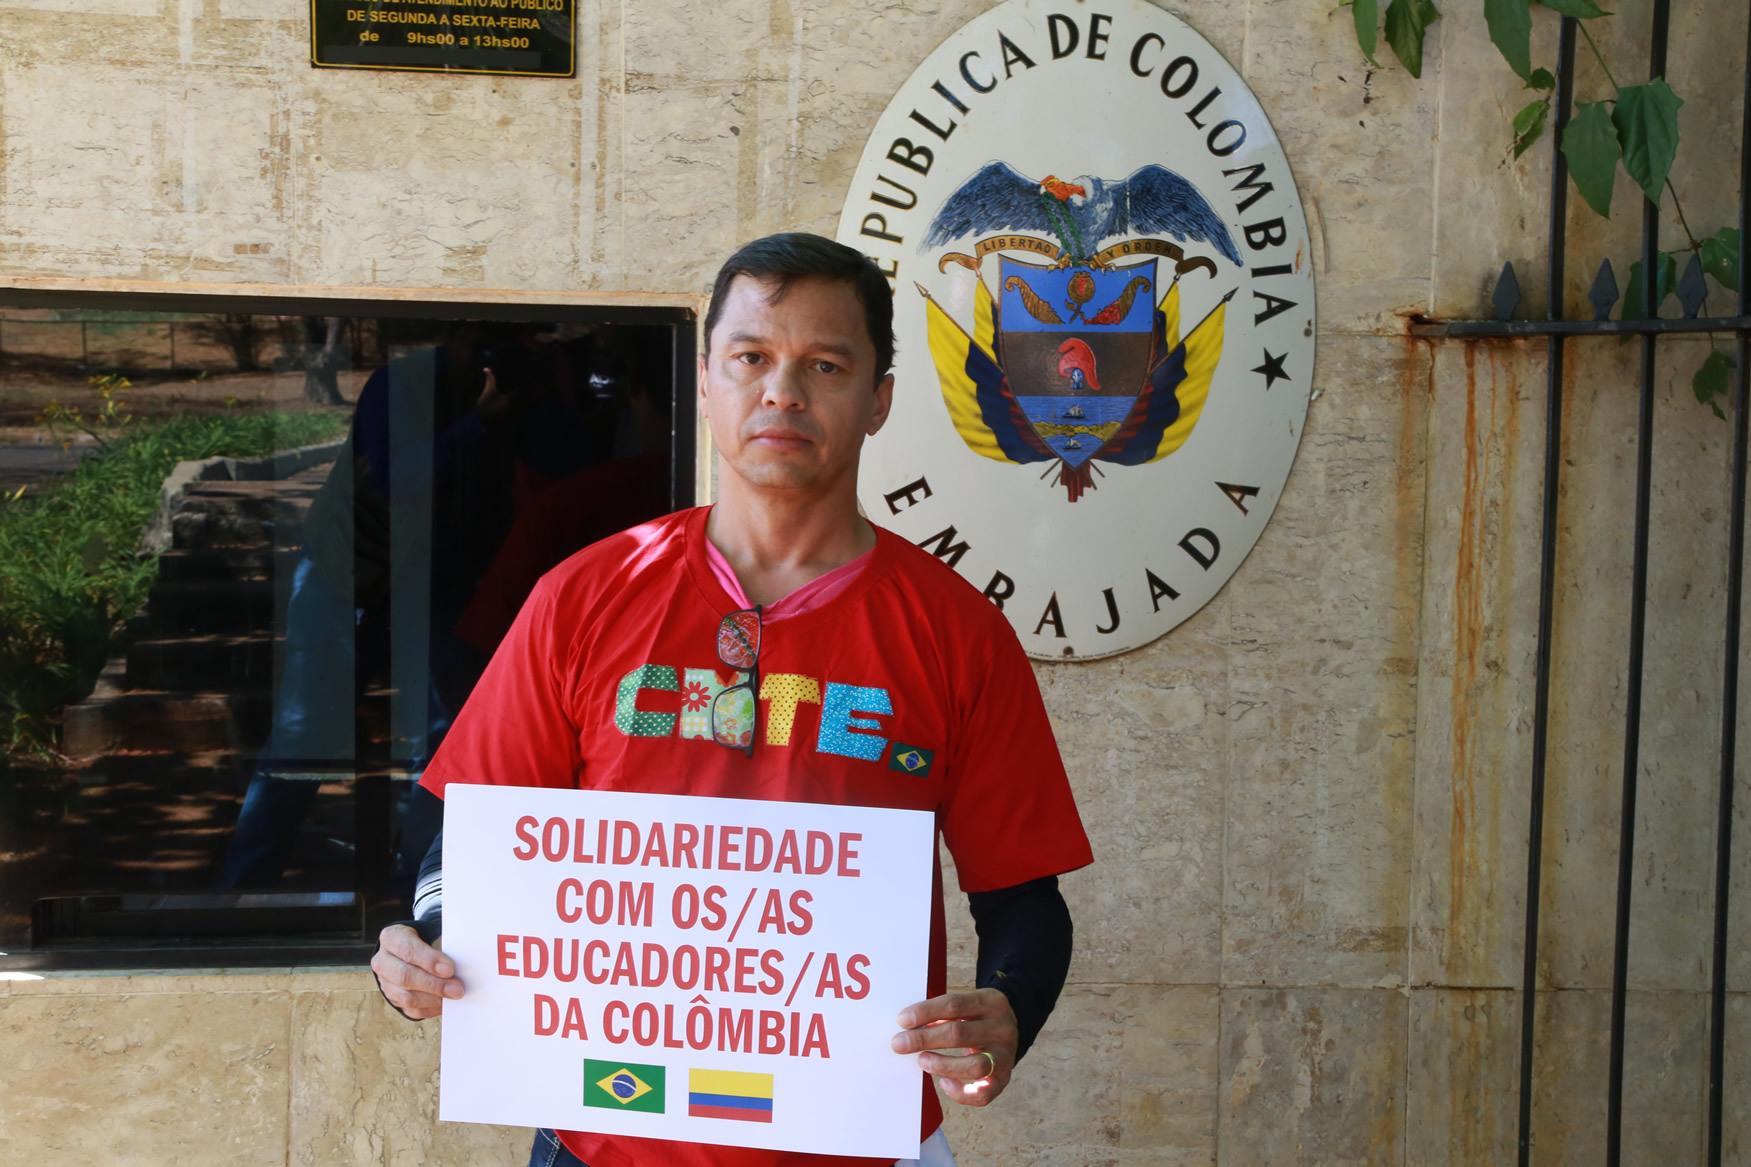 2019.09.12-Ato-Embaixada-Colombia_fotos-ECOM-8